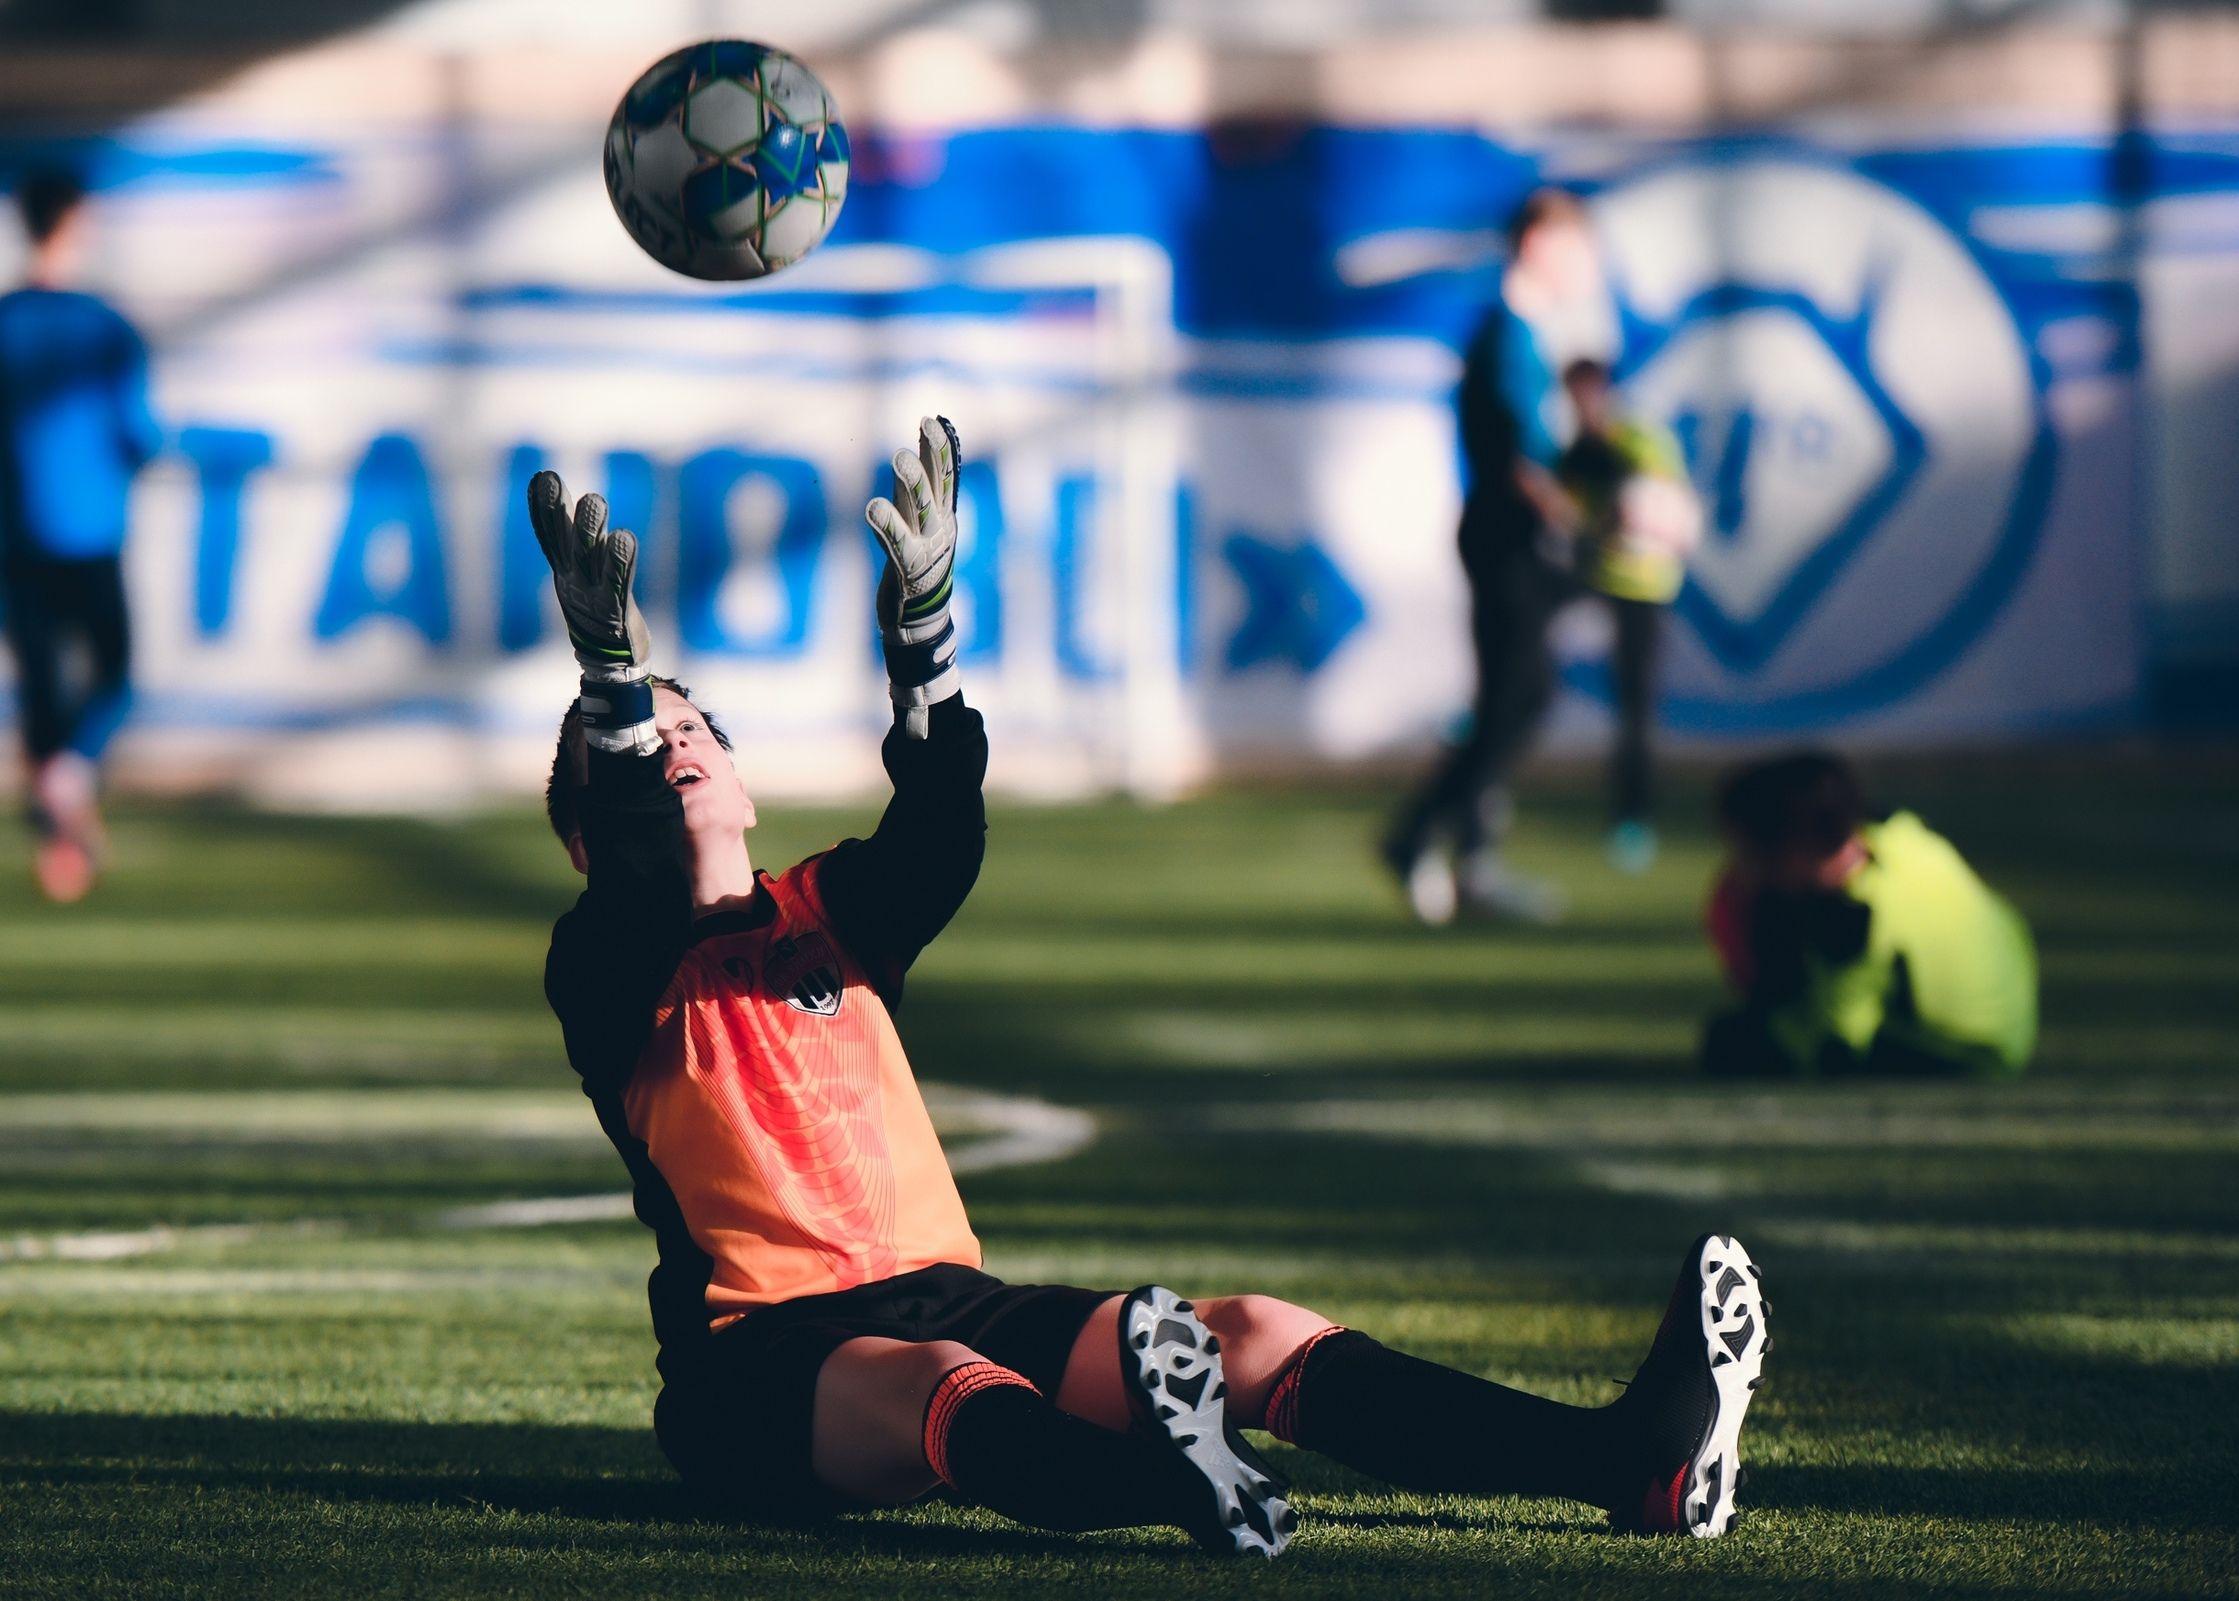 Юные футболисты «Чертаново» завоевали победу в онлайн-соревновании